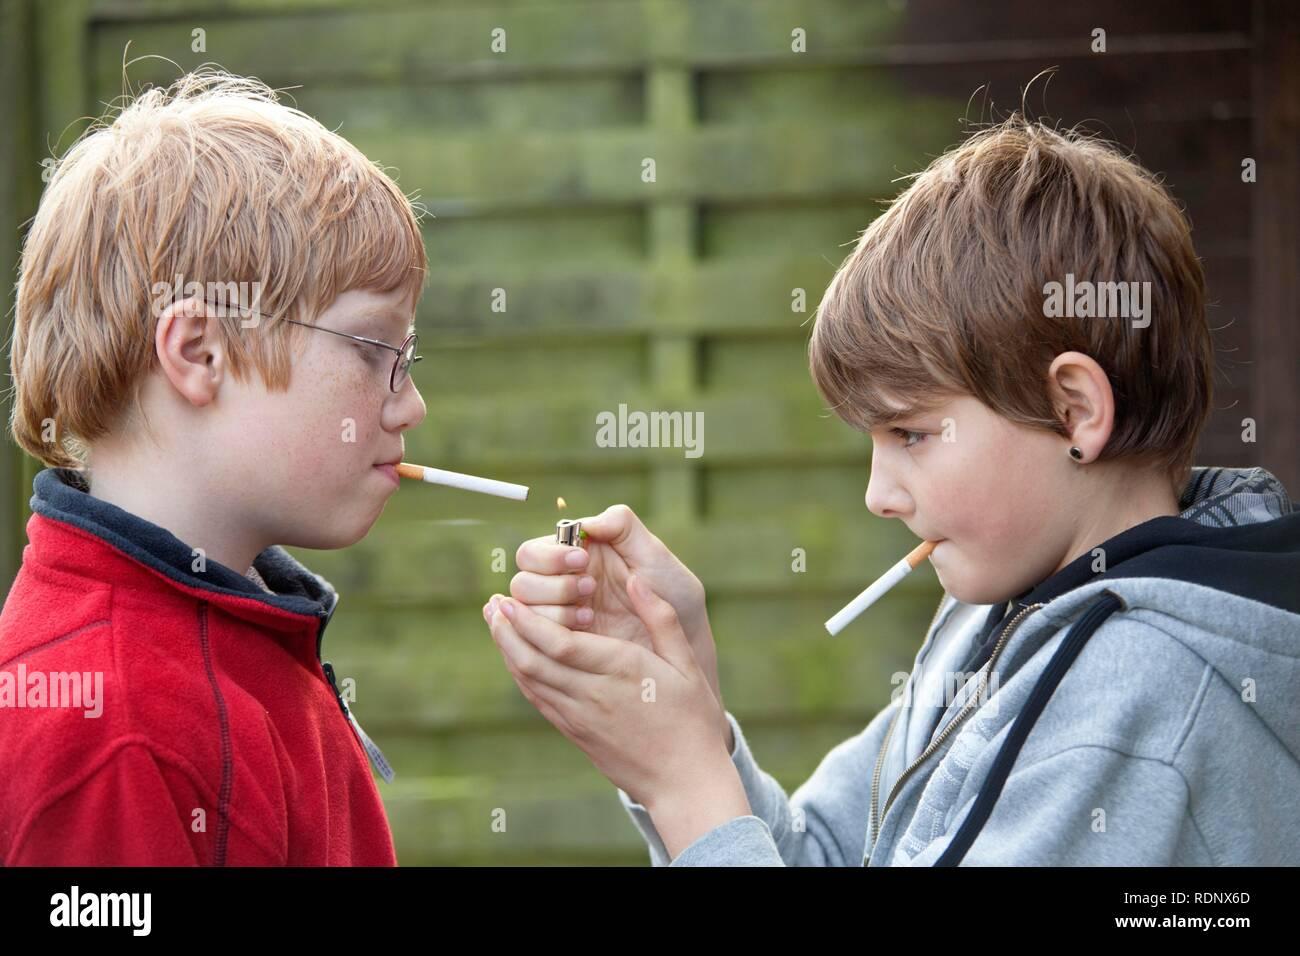 Under age boys smoking posed scene